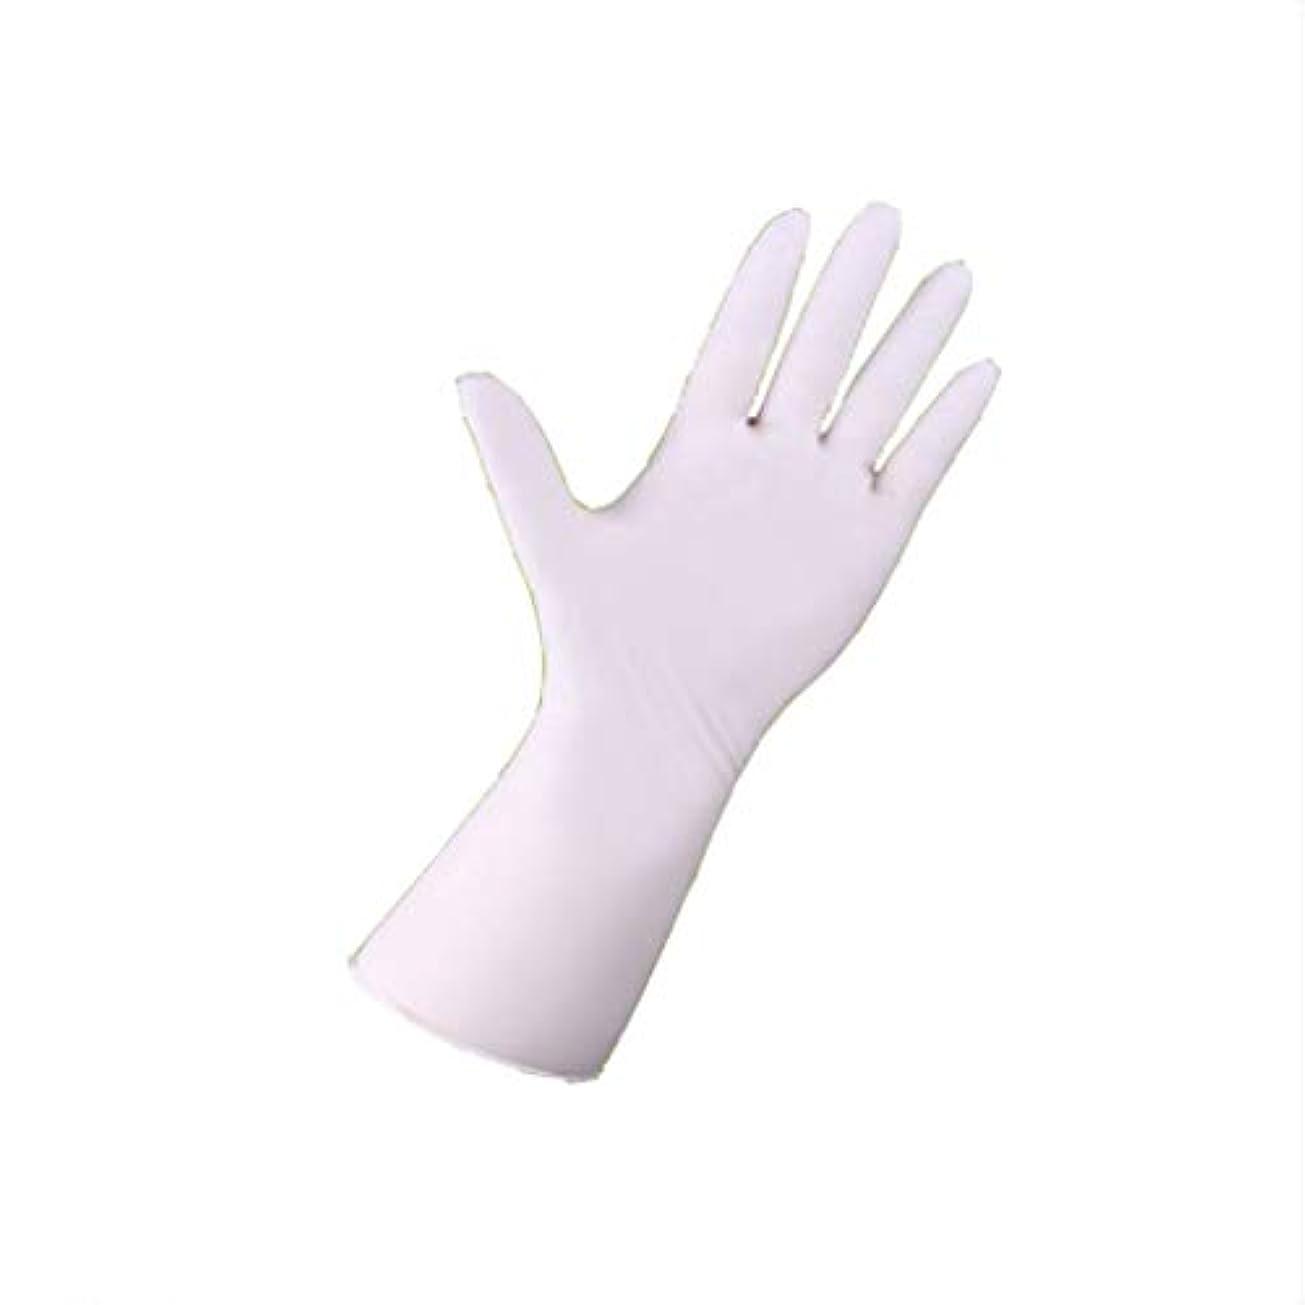 長方形発送ペース手袋、使い捨て手袋、長いゴムラボ、帯電防止ペディキュア、マッサージ、ハンドマッサージ100 (サイズ さいず : S s)